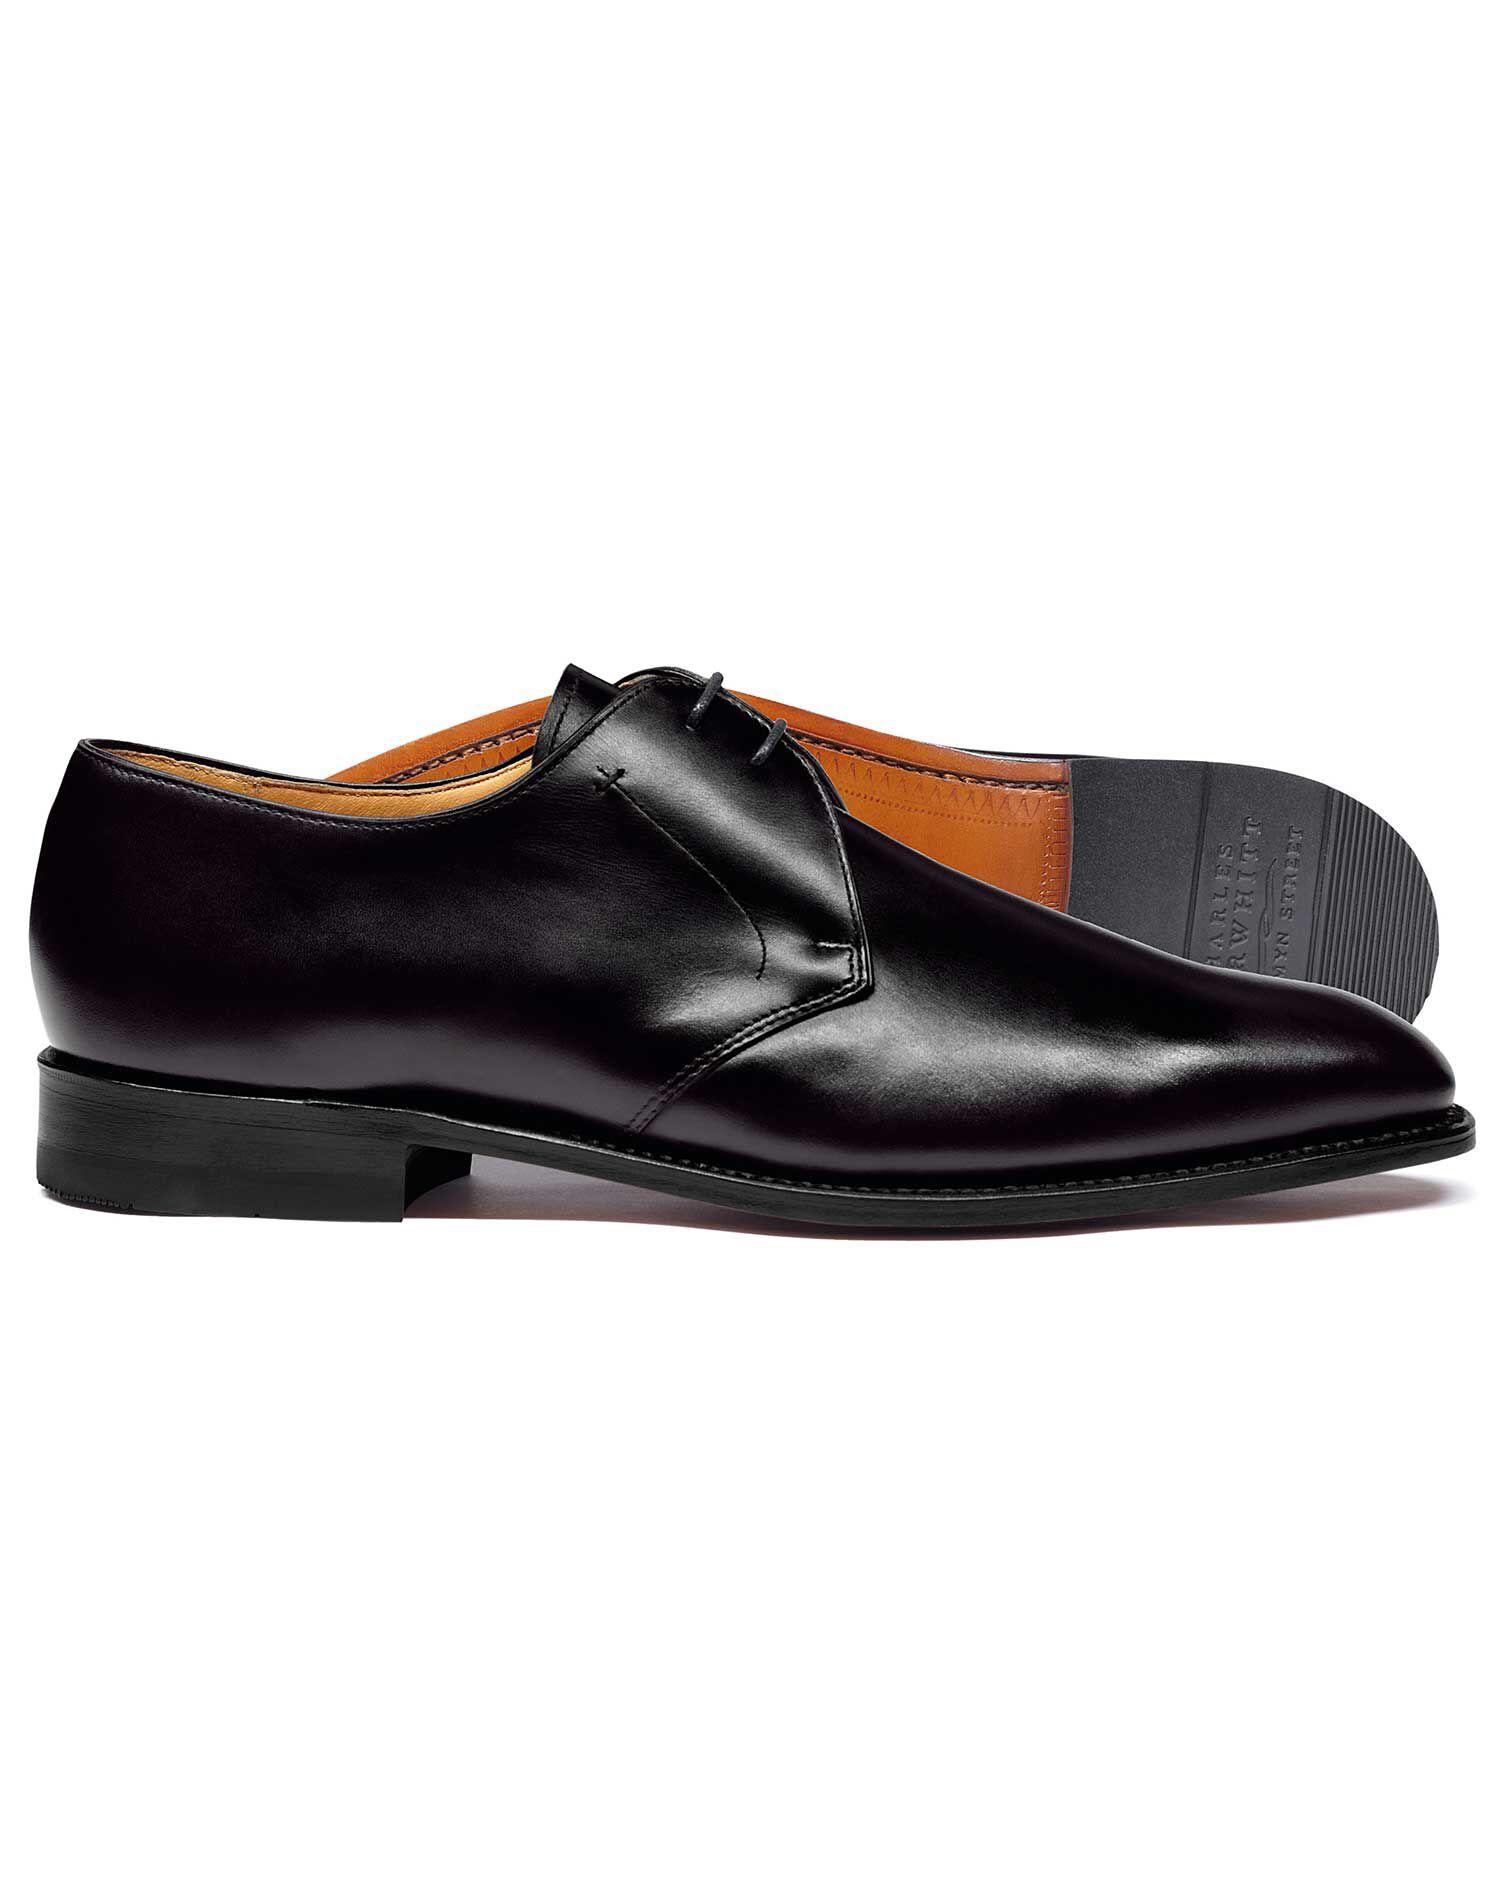 Men's Clearance Shoes | Charles Tyrwhitt